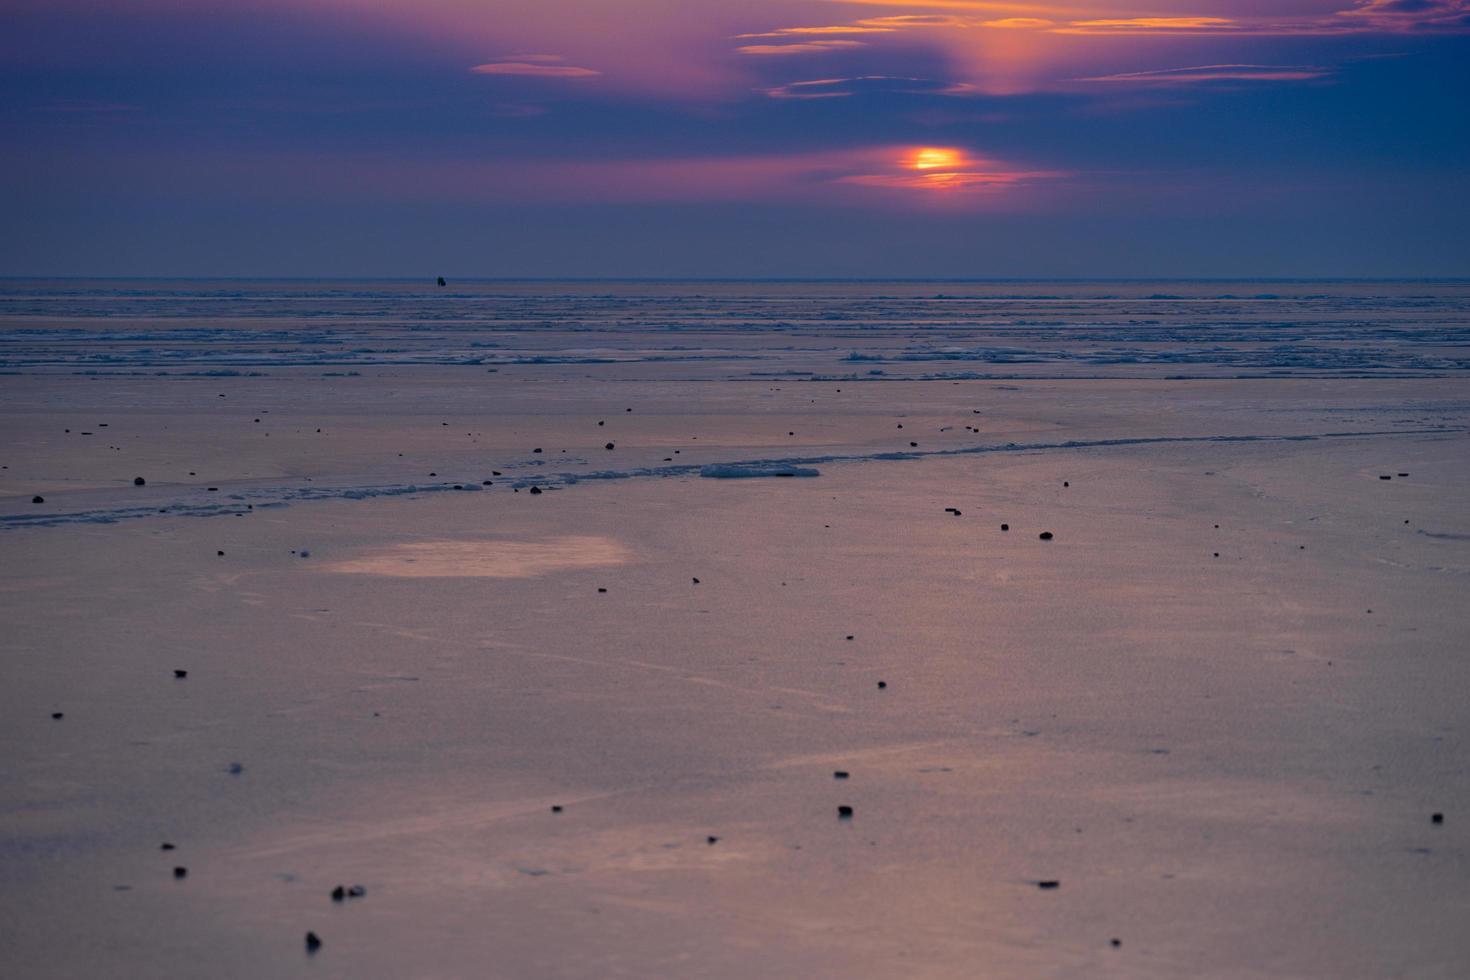 colorato tramonto nuvoloso su una spiaggia nella baia di amur a vladivostok, russia foto